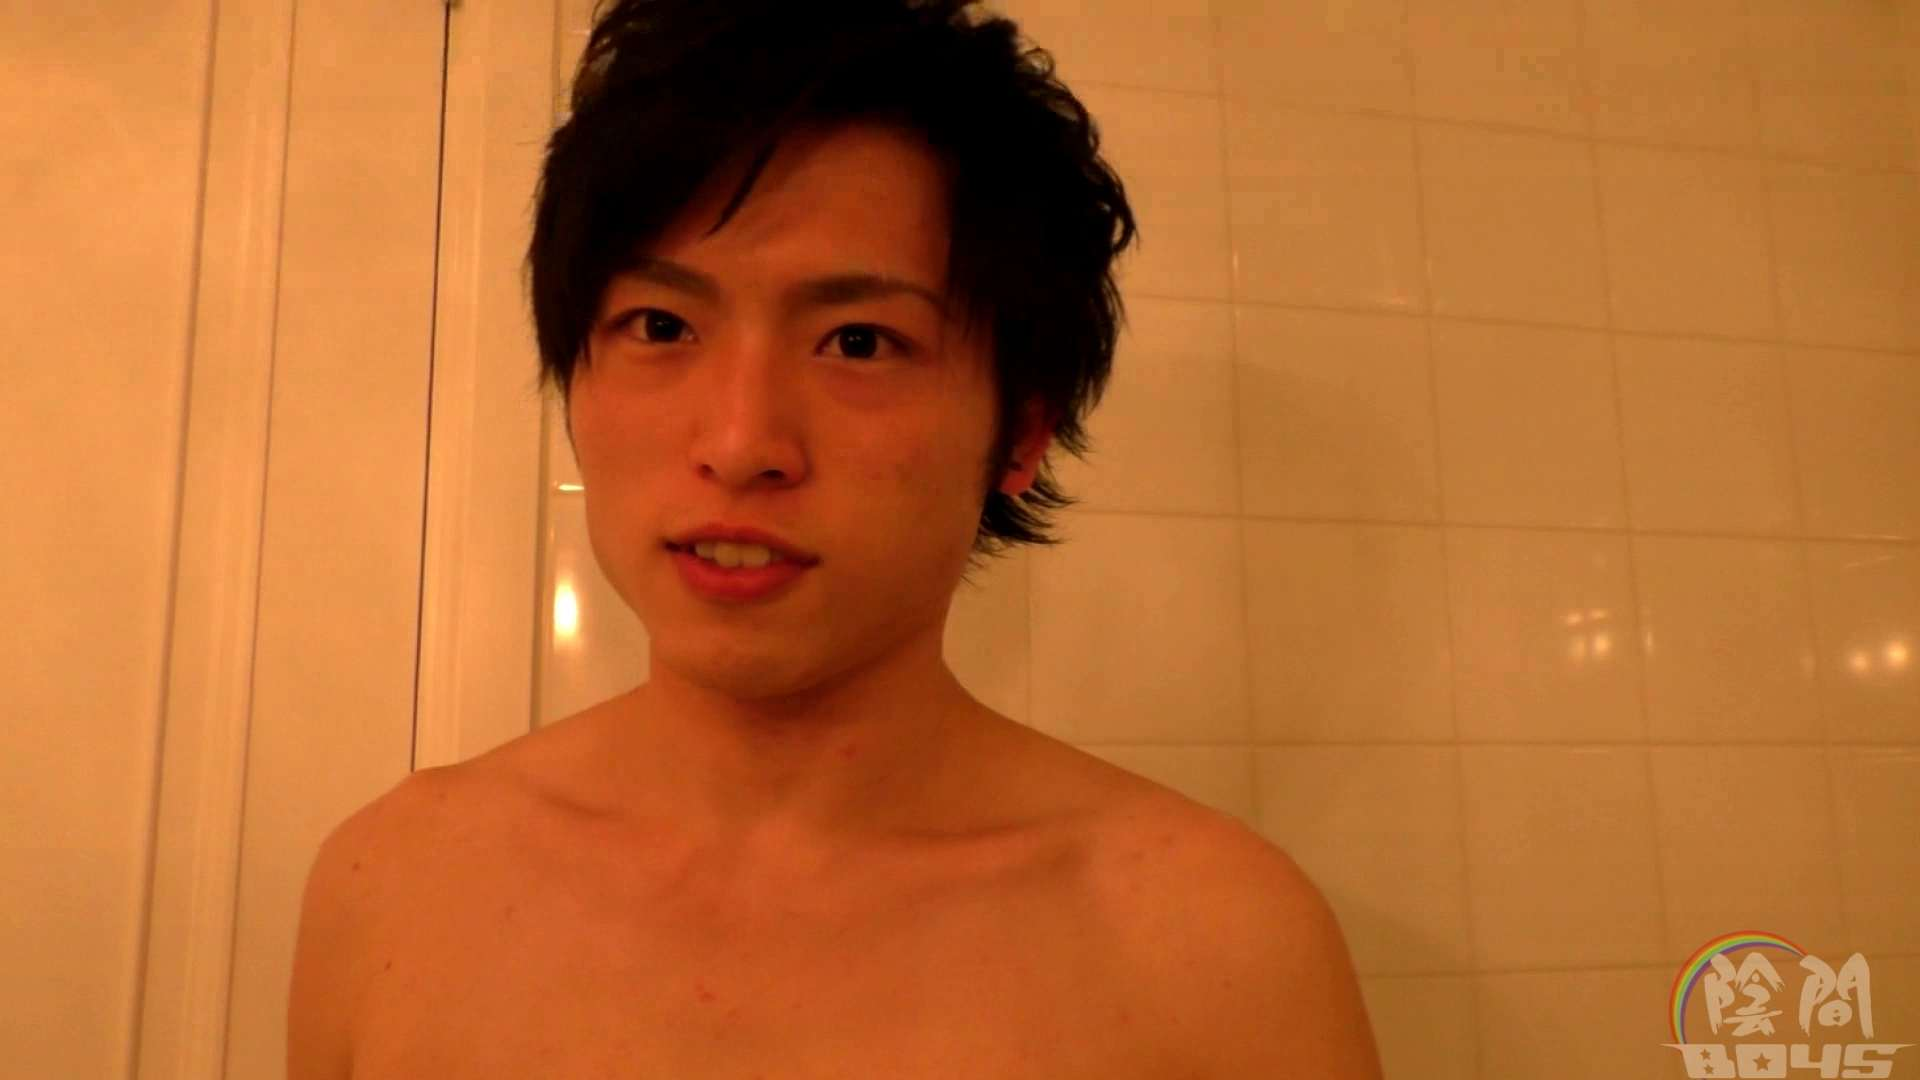 陰間BOYS~AV男優面接2、俺のアナルが…~03 AV | モデル 男同士動画 64pic 31